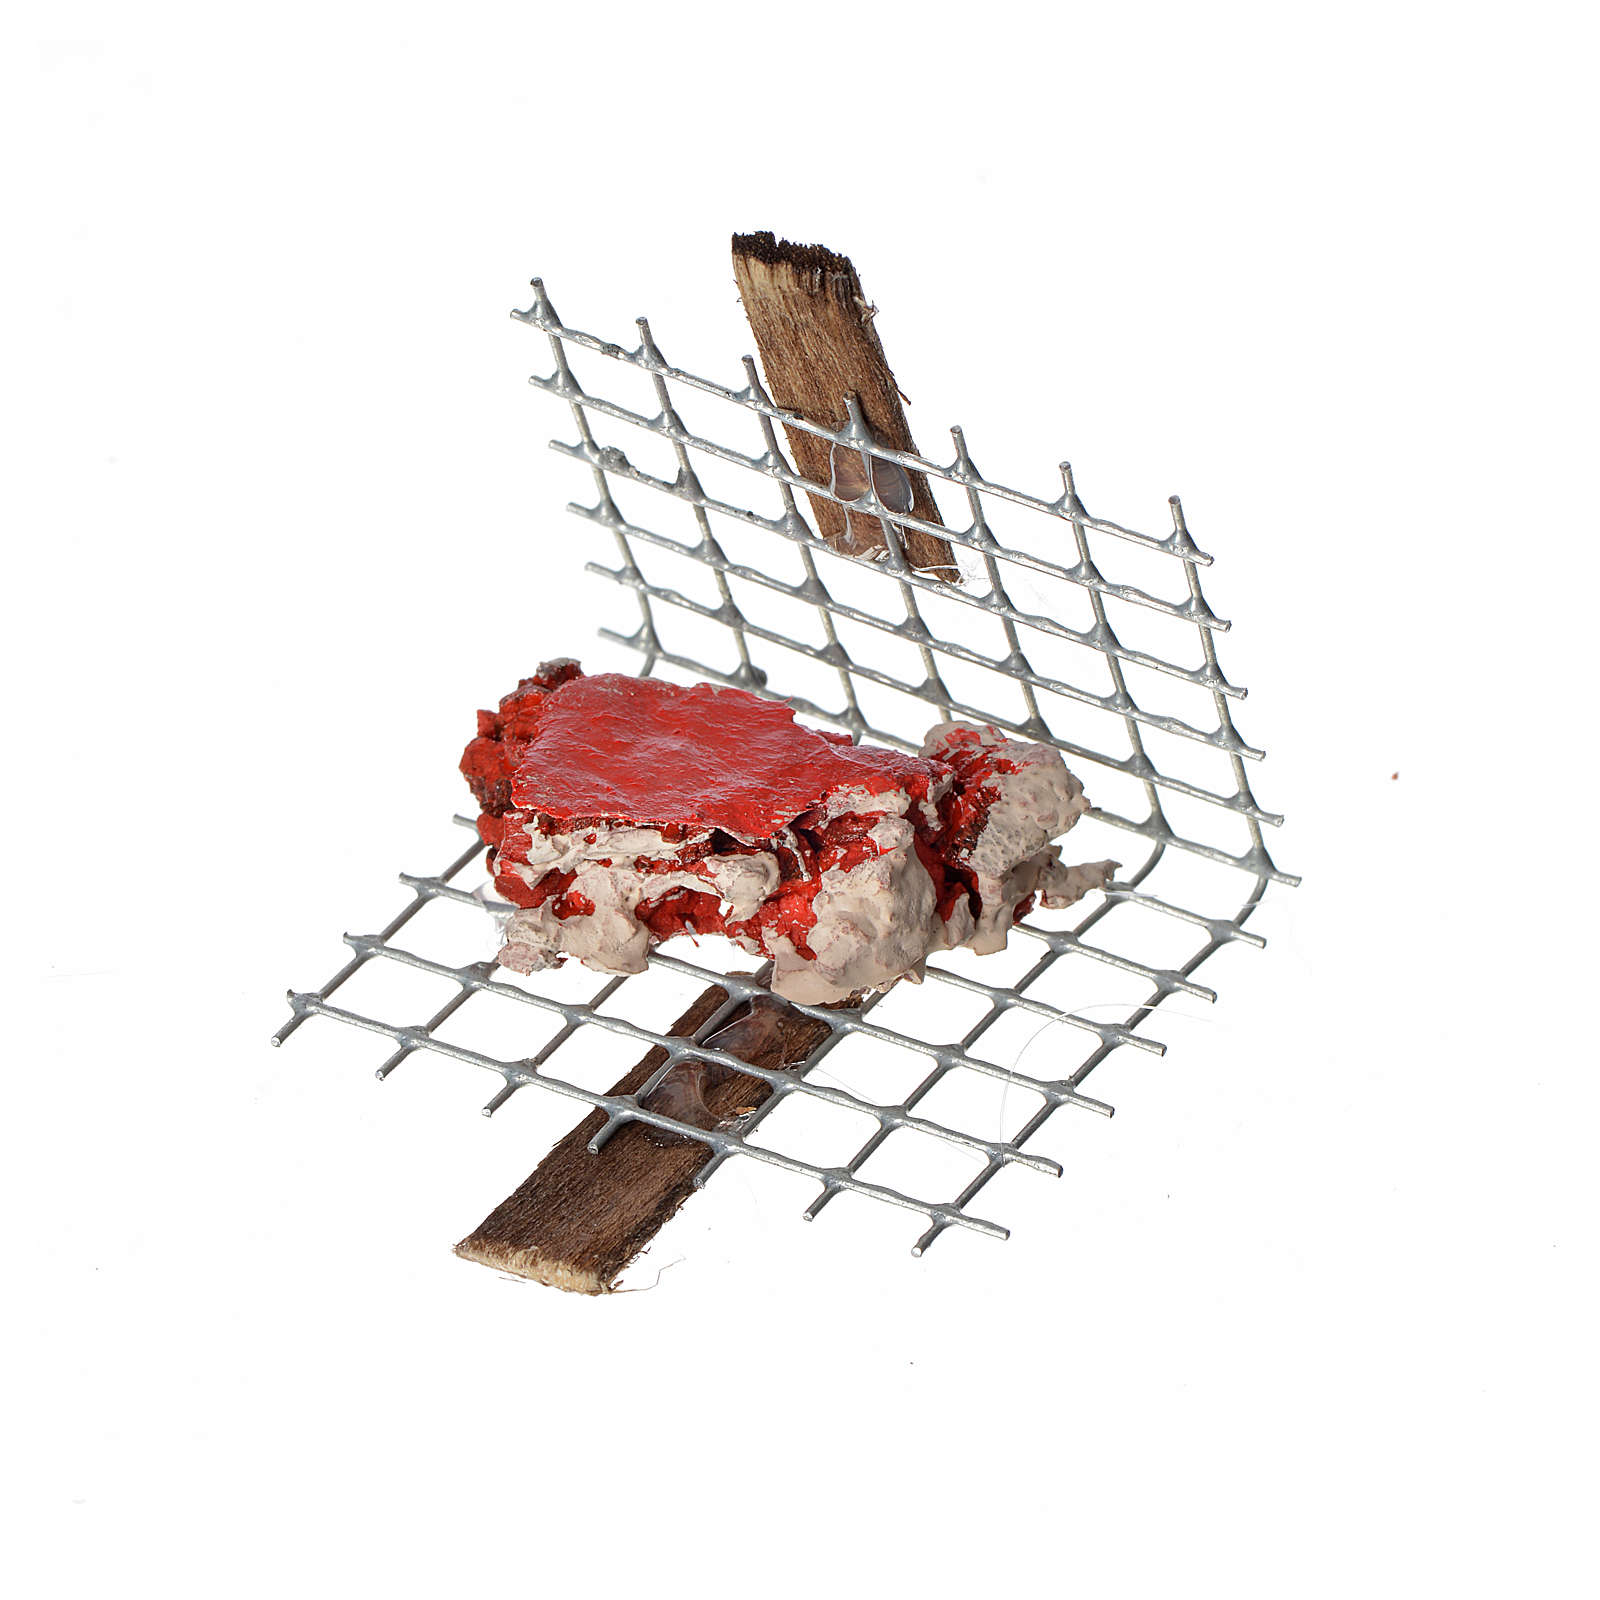 Griglia ferro con carne 5x4 cm 4